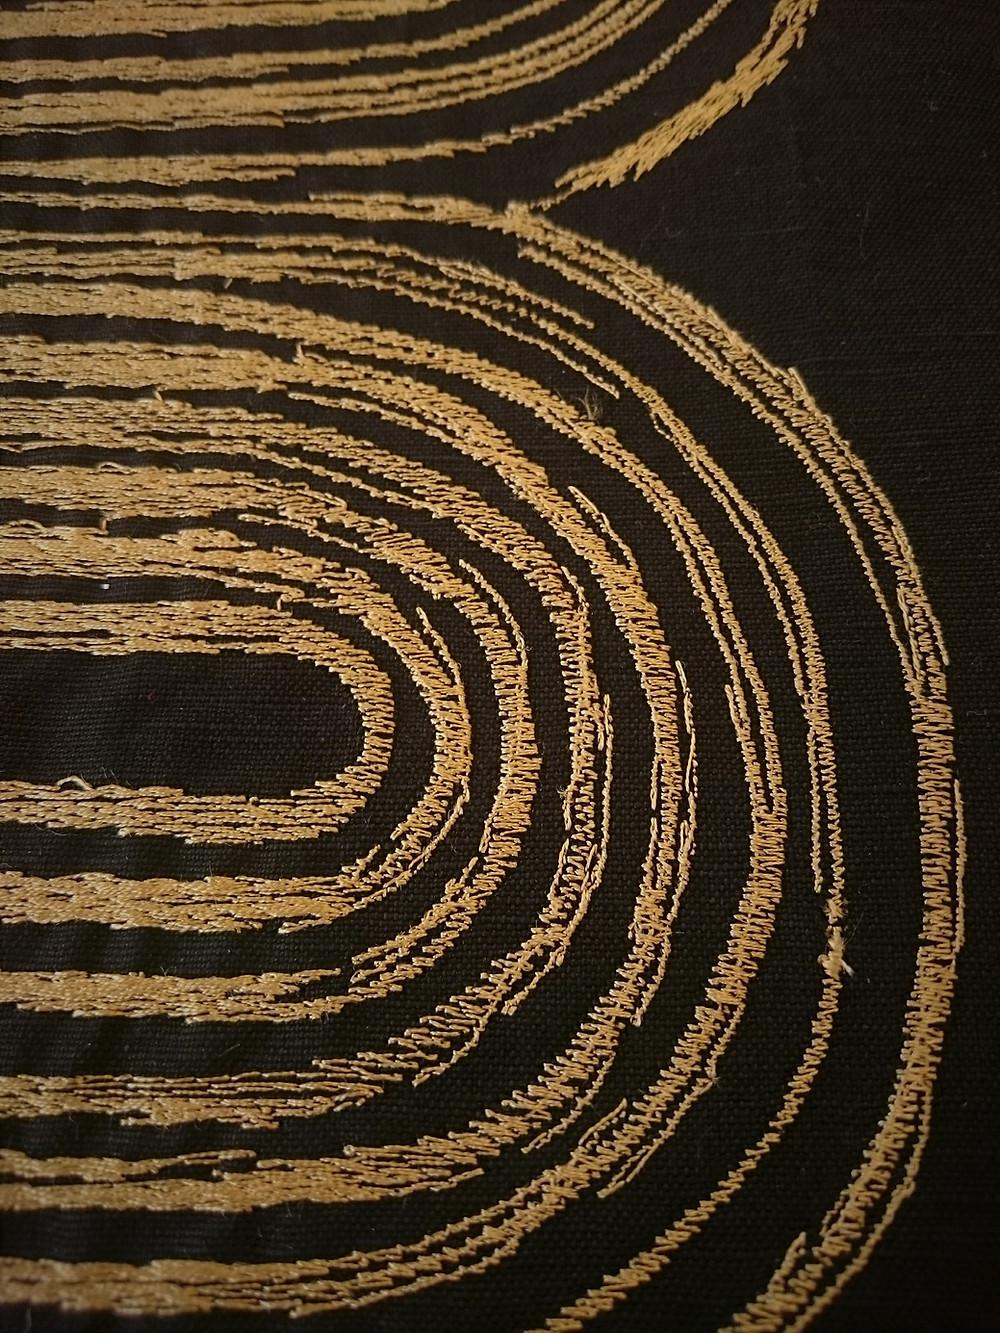 NOBILIS - Kanji - tissu pour rideaux en lin et coton brodé or - détail broderie